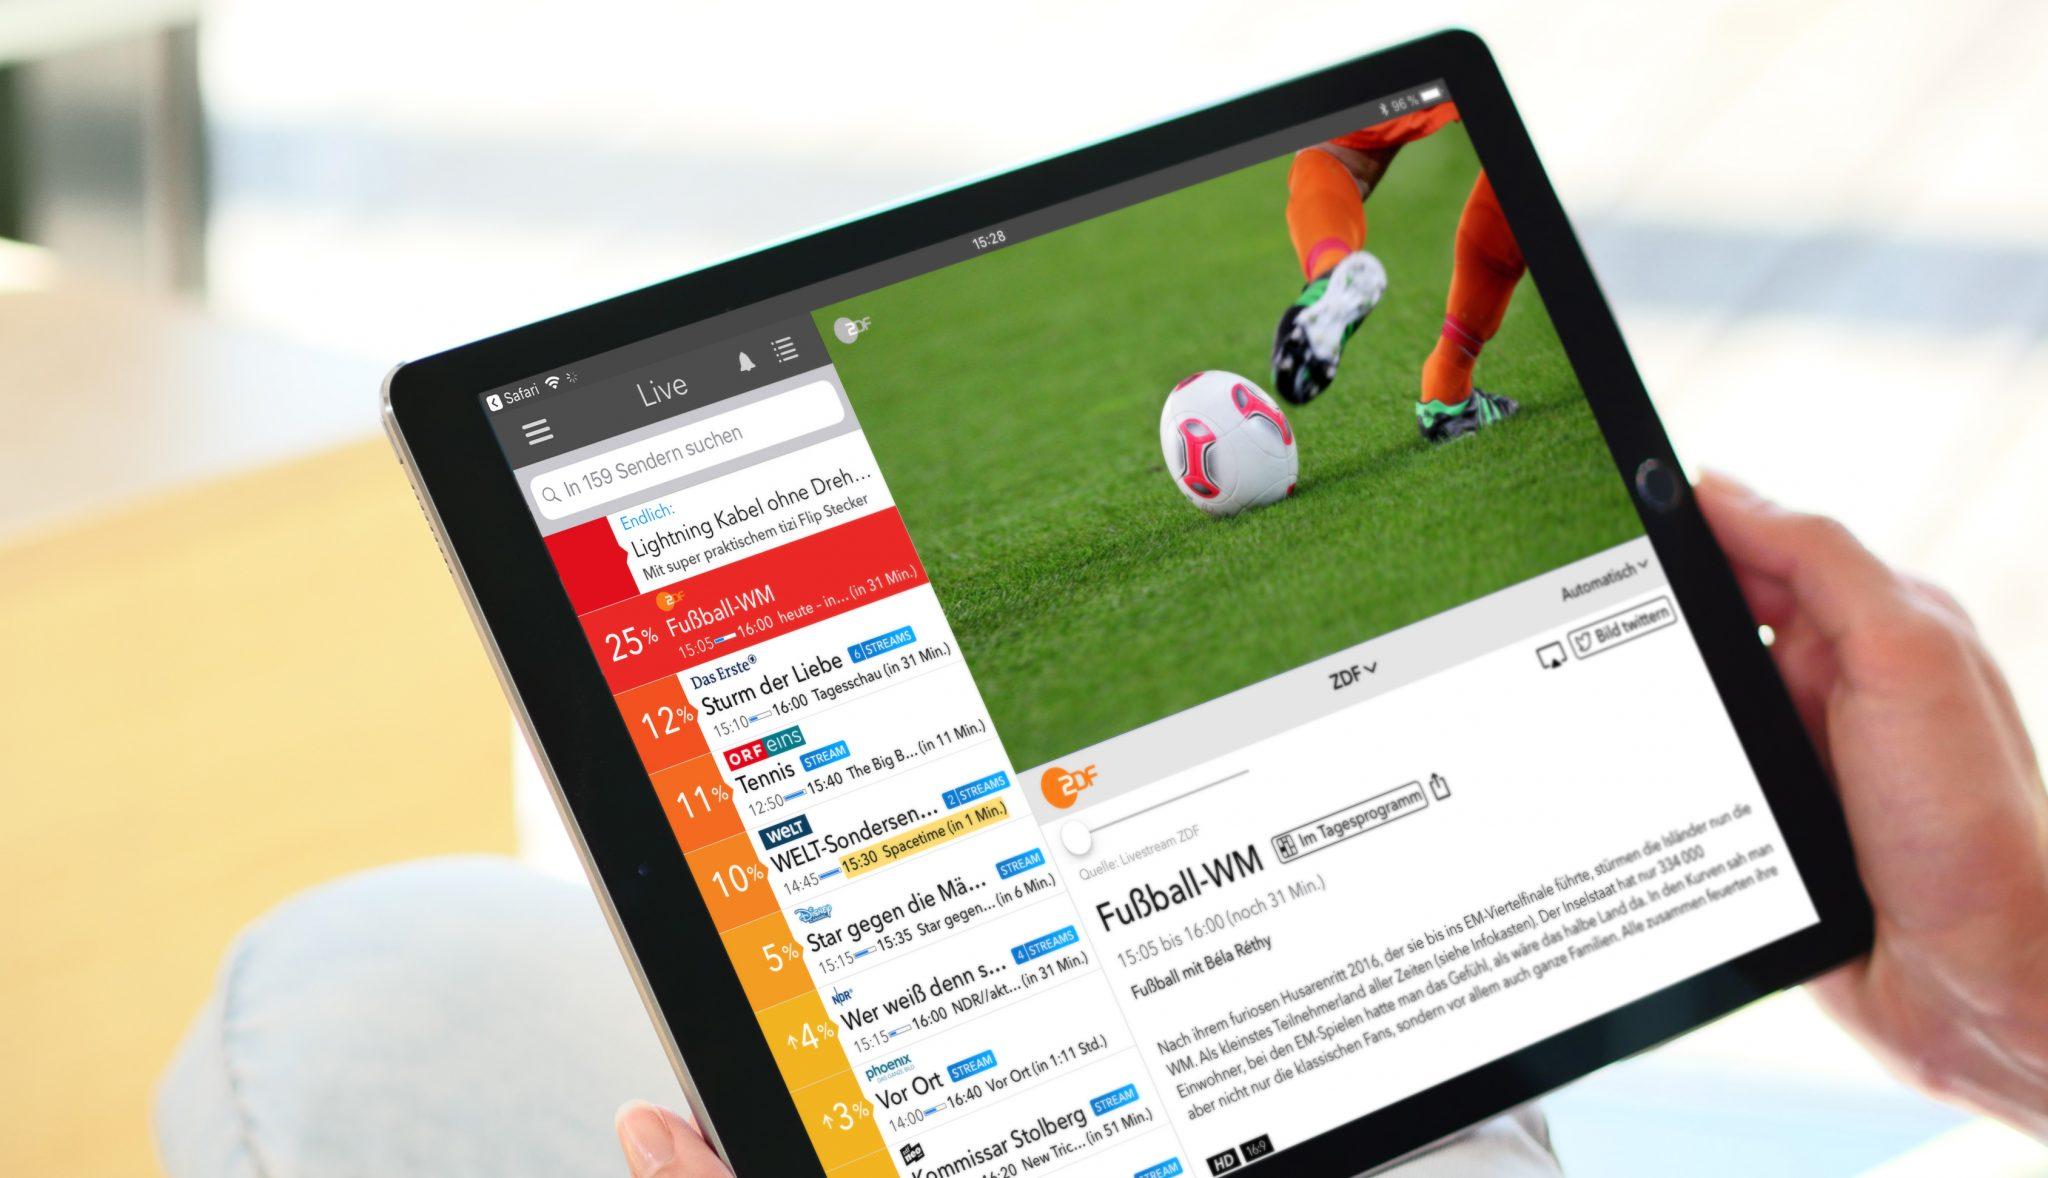 Live TV App auf iPad in Händen